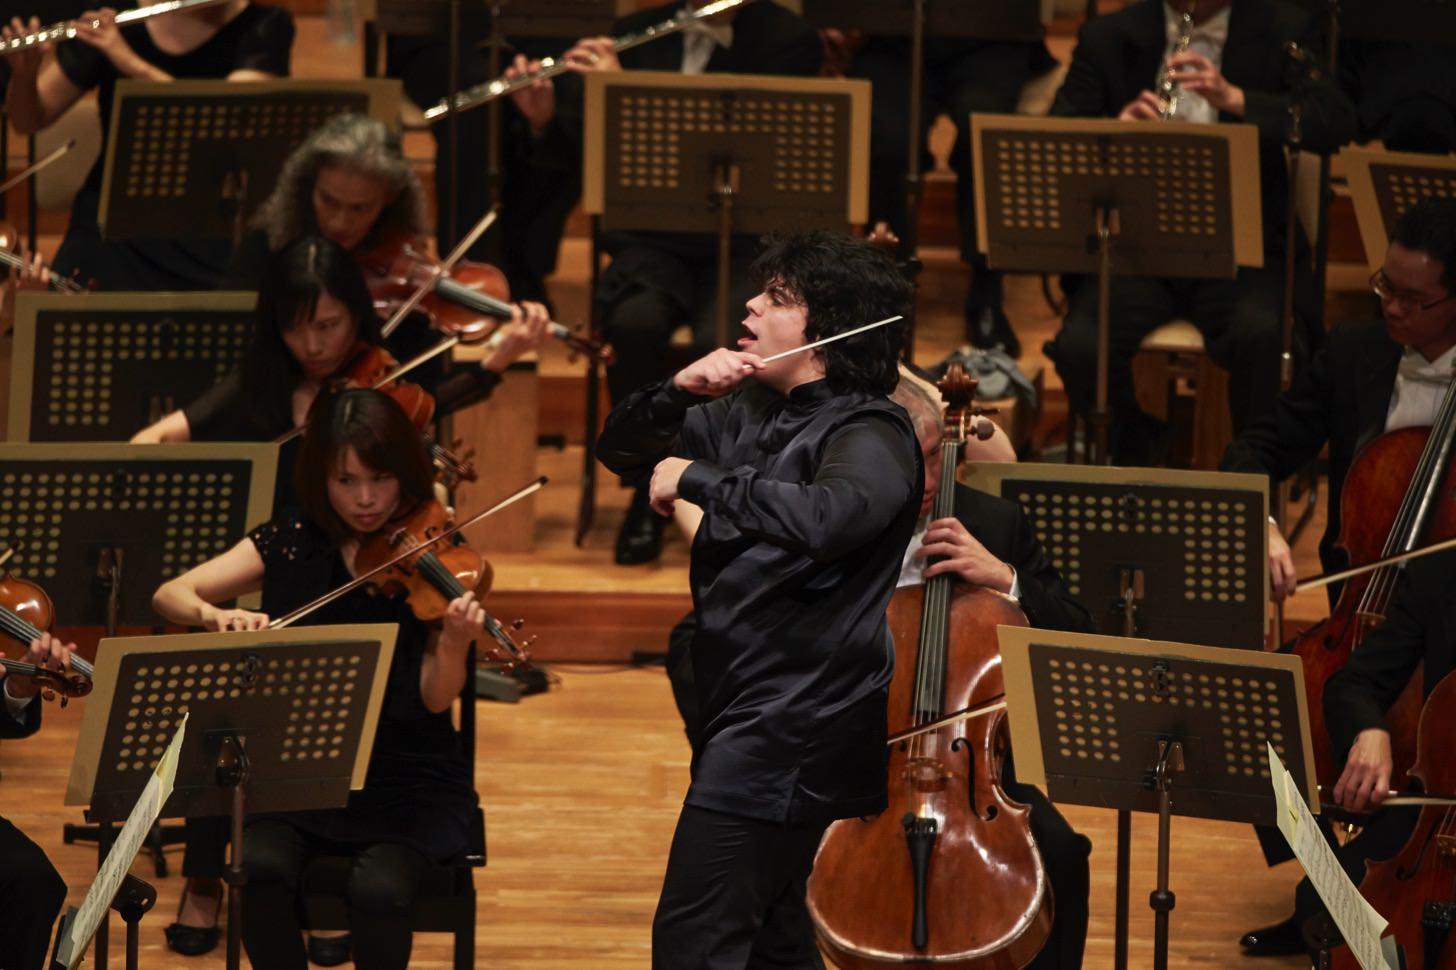 アンドレア・バッティストーニが指揮する東京フィルハーモニー交響楽団「ベートーベン第九特別演奏会」